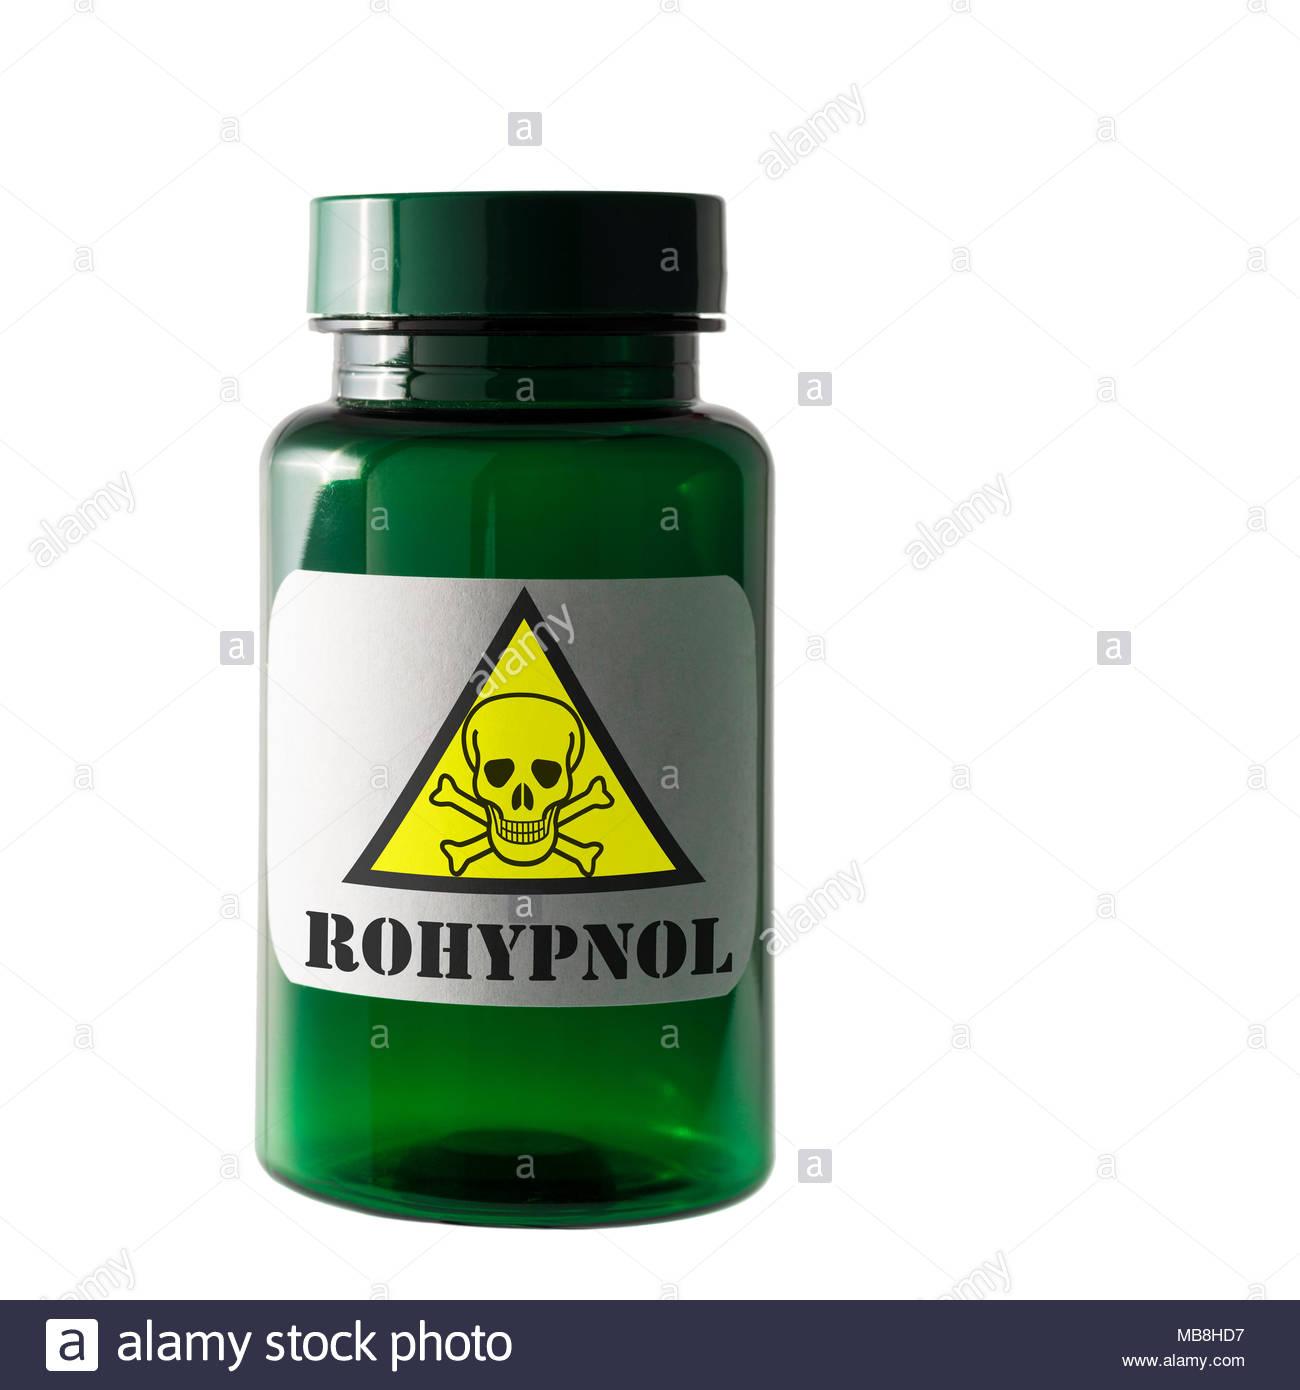 Le Rohypnol. Substance dangereuse étiquette, Dorset, England, UK Banque D'Images